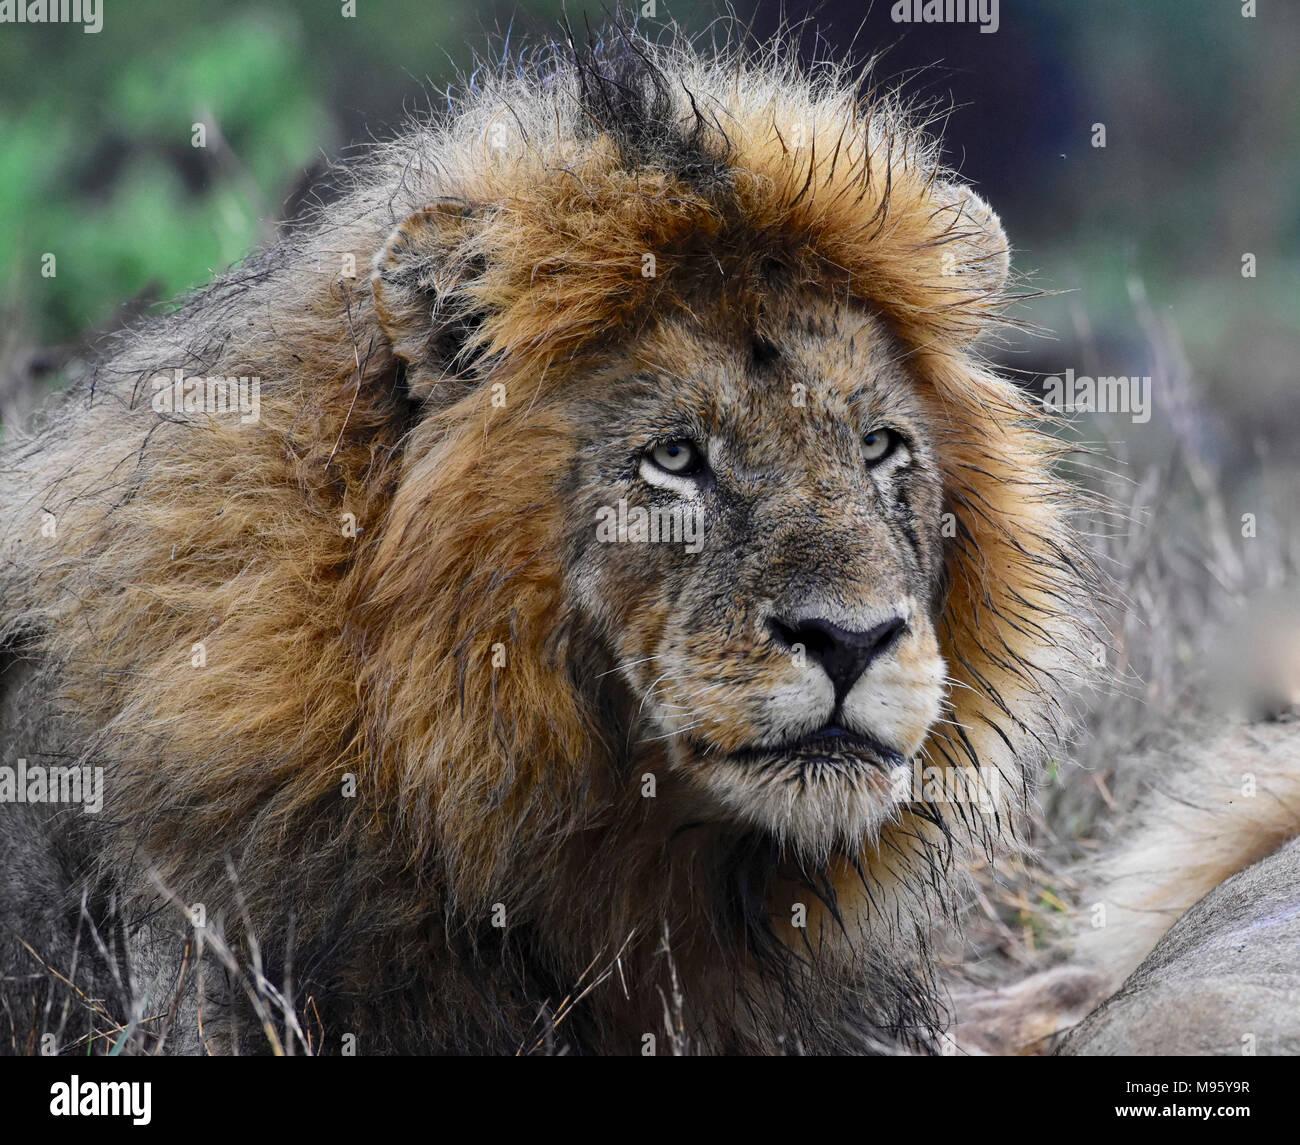 L'Afrique du Sud est une destination touristique populaire pour son mélange de vrai et de l'Afrique de l'expérience. Le Parc Kruger est célèbre dans le monde entier. Lion mâle humide. Photo Stock